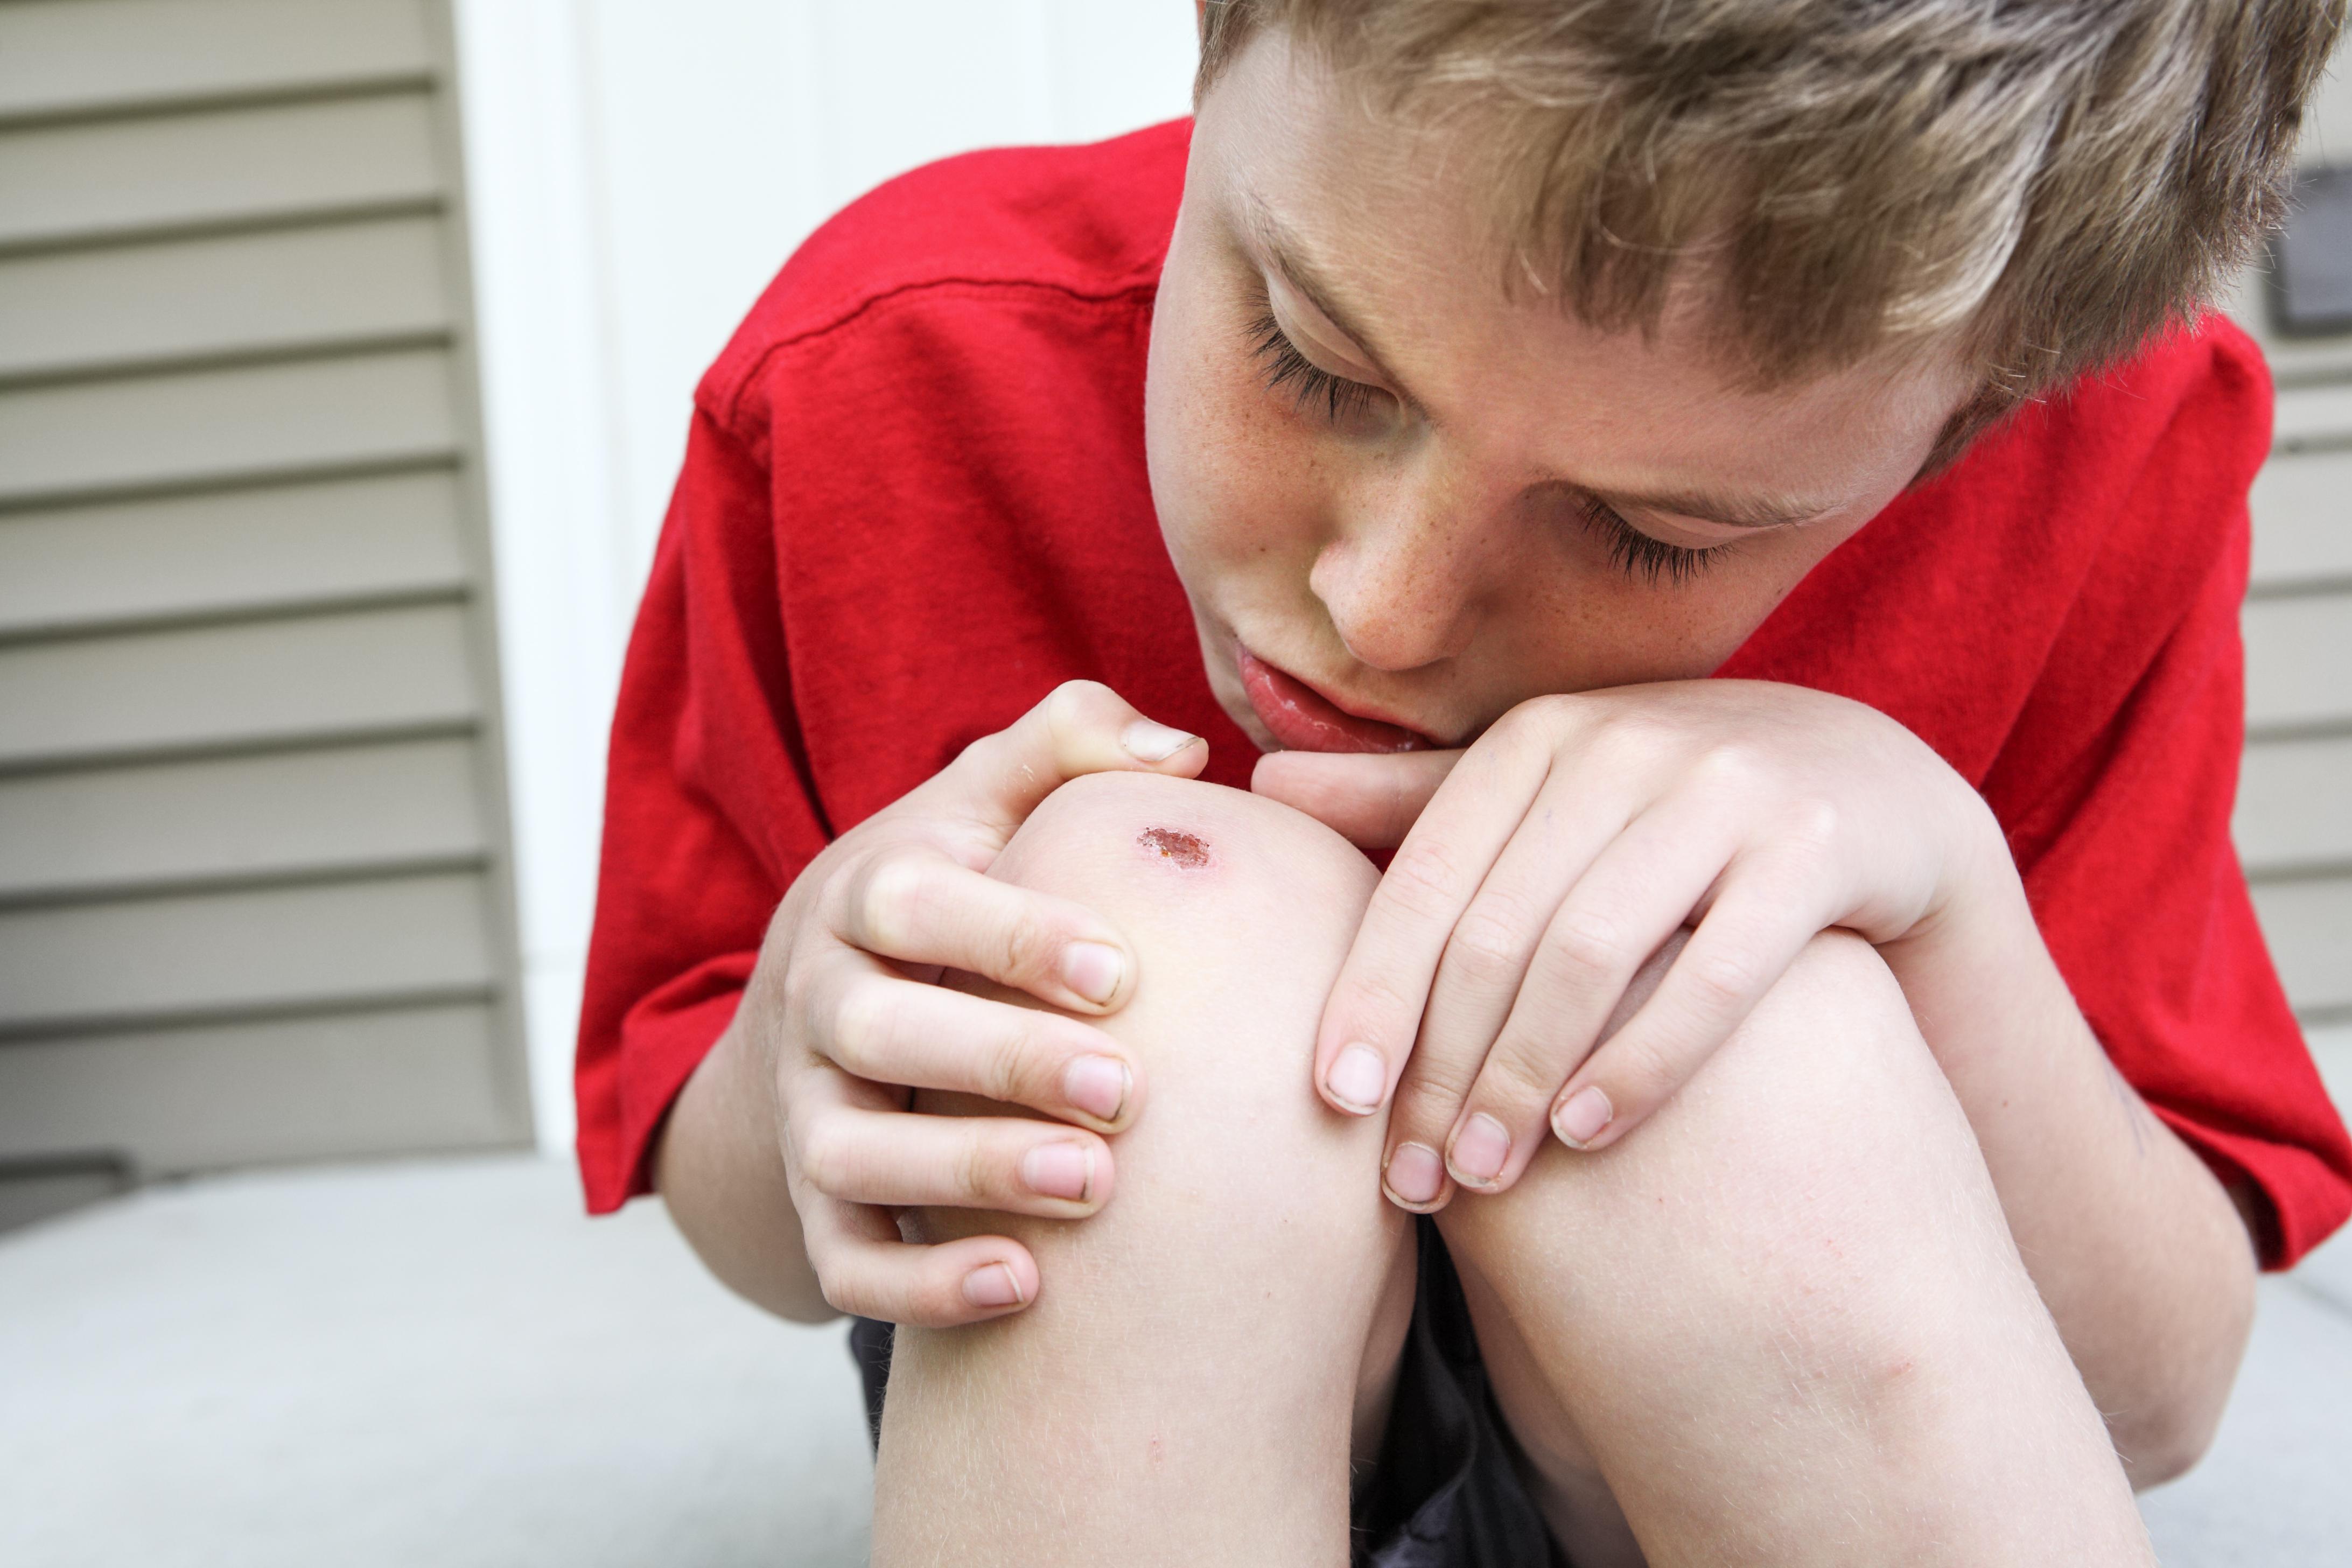 Upptäckten om salivens effekt vid sårläkning var en slump som inträffade vid en närmare granskning av hur saliven kunde förstärka immunförsvaret hos hudcellerna.